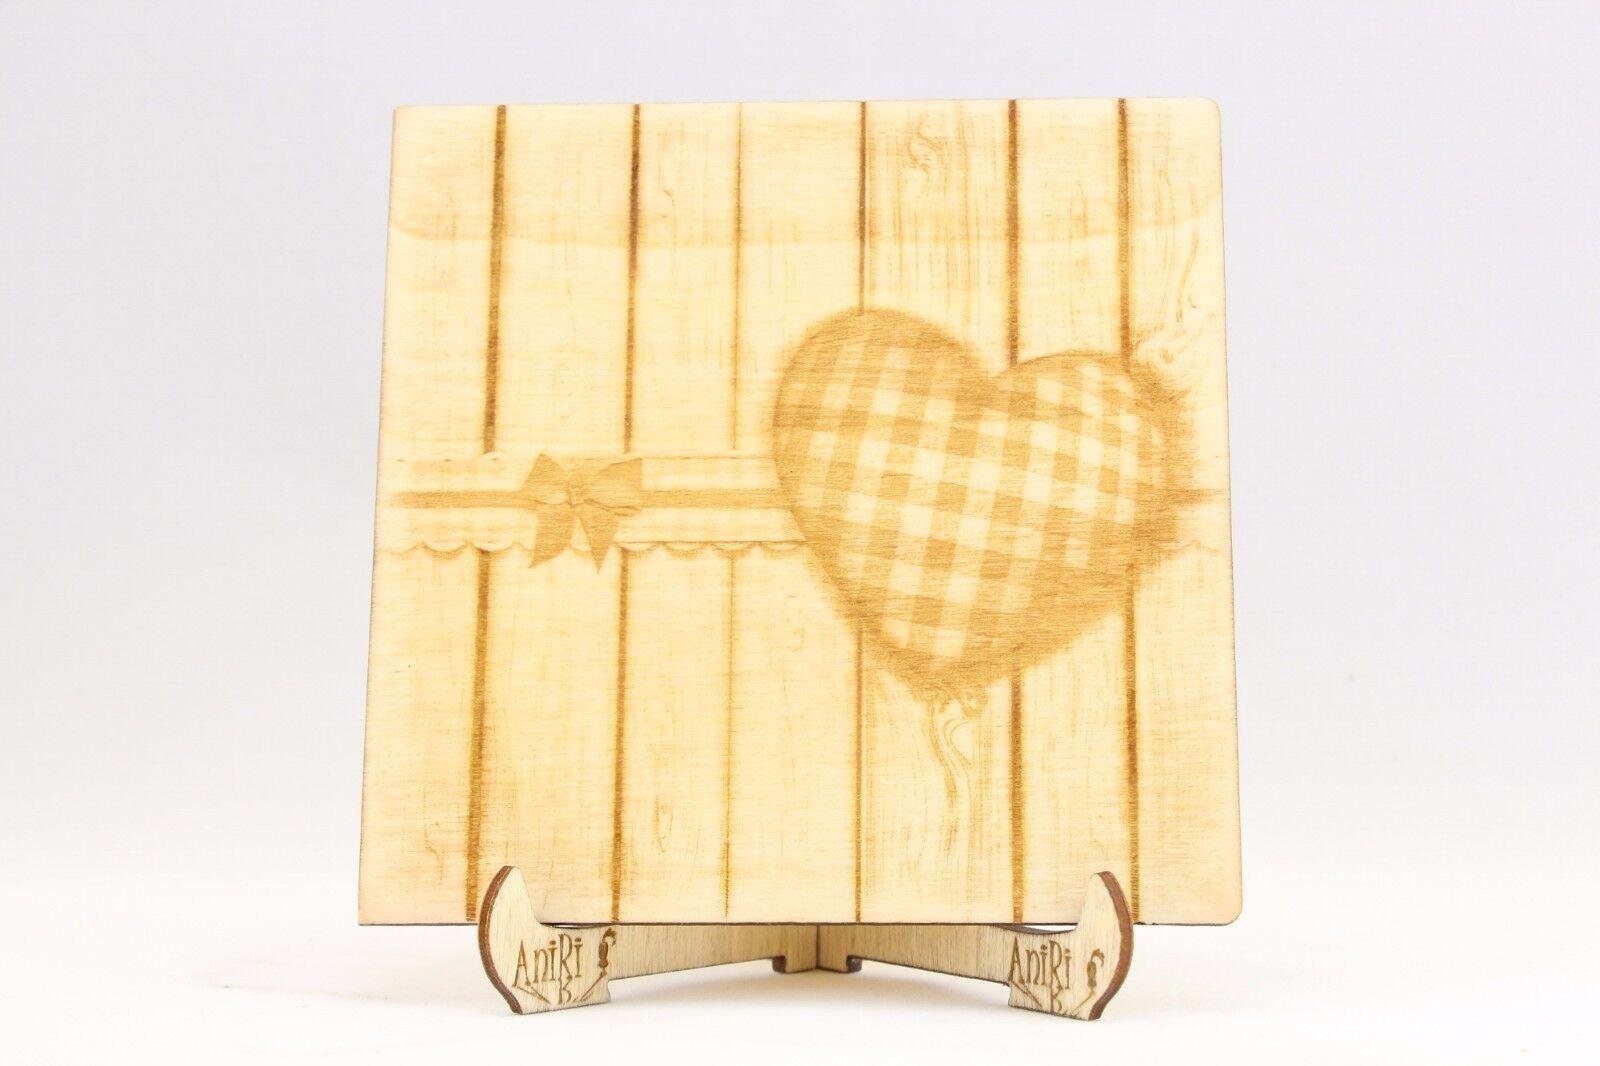 Legno libro degli ospiti, ospiti, ospiti, cuore Libro degli ospiti, matrimonio libro, legno cuore Libro degli ospiti e33079